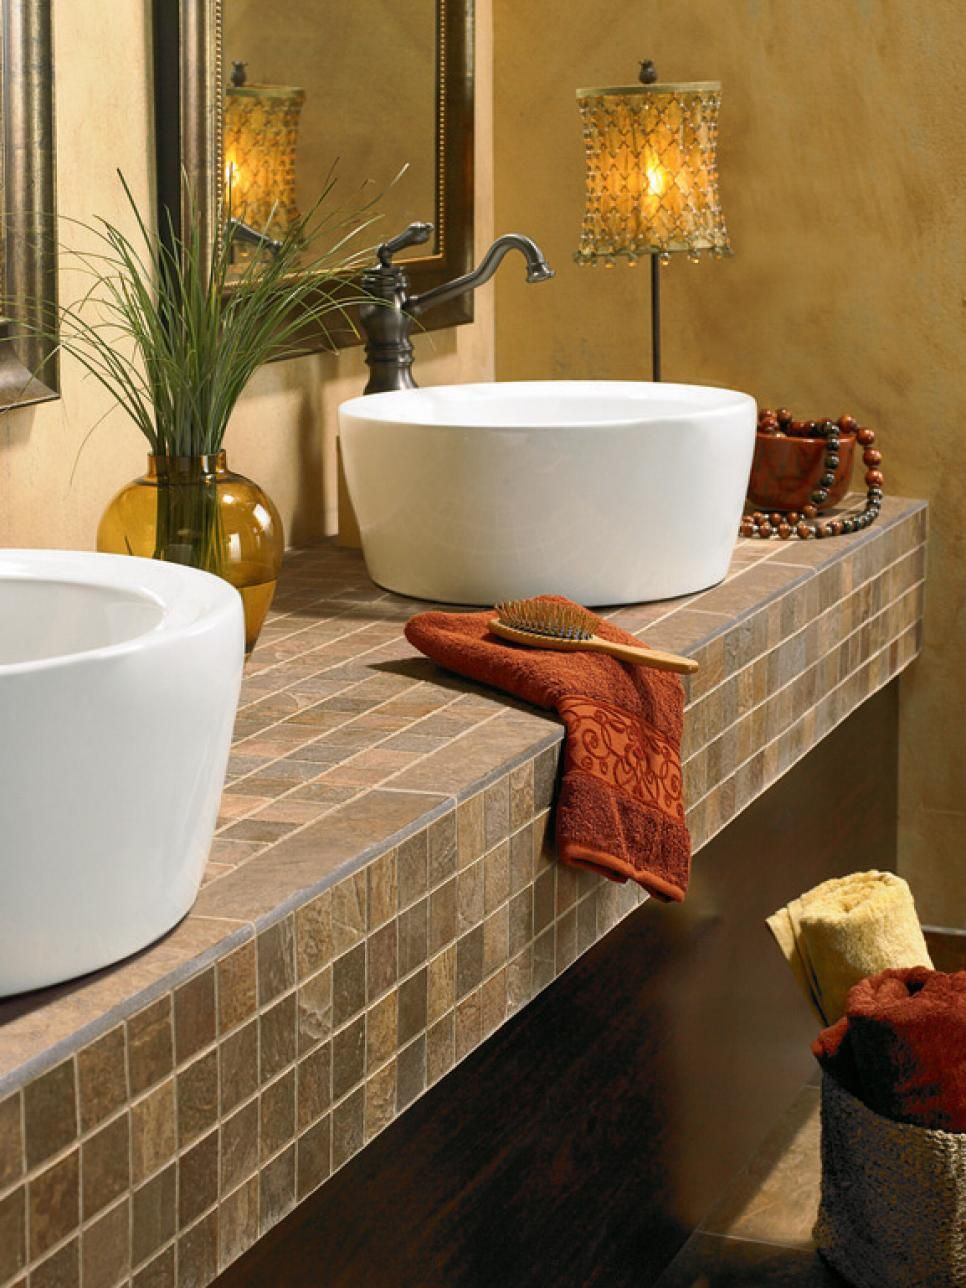 Tile Bathroom Countertops Popular Countertop Materials And - White bathroom countertop material for bathroom decor ideas